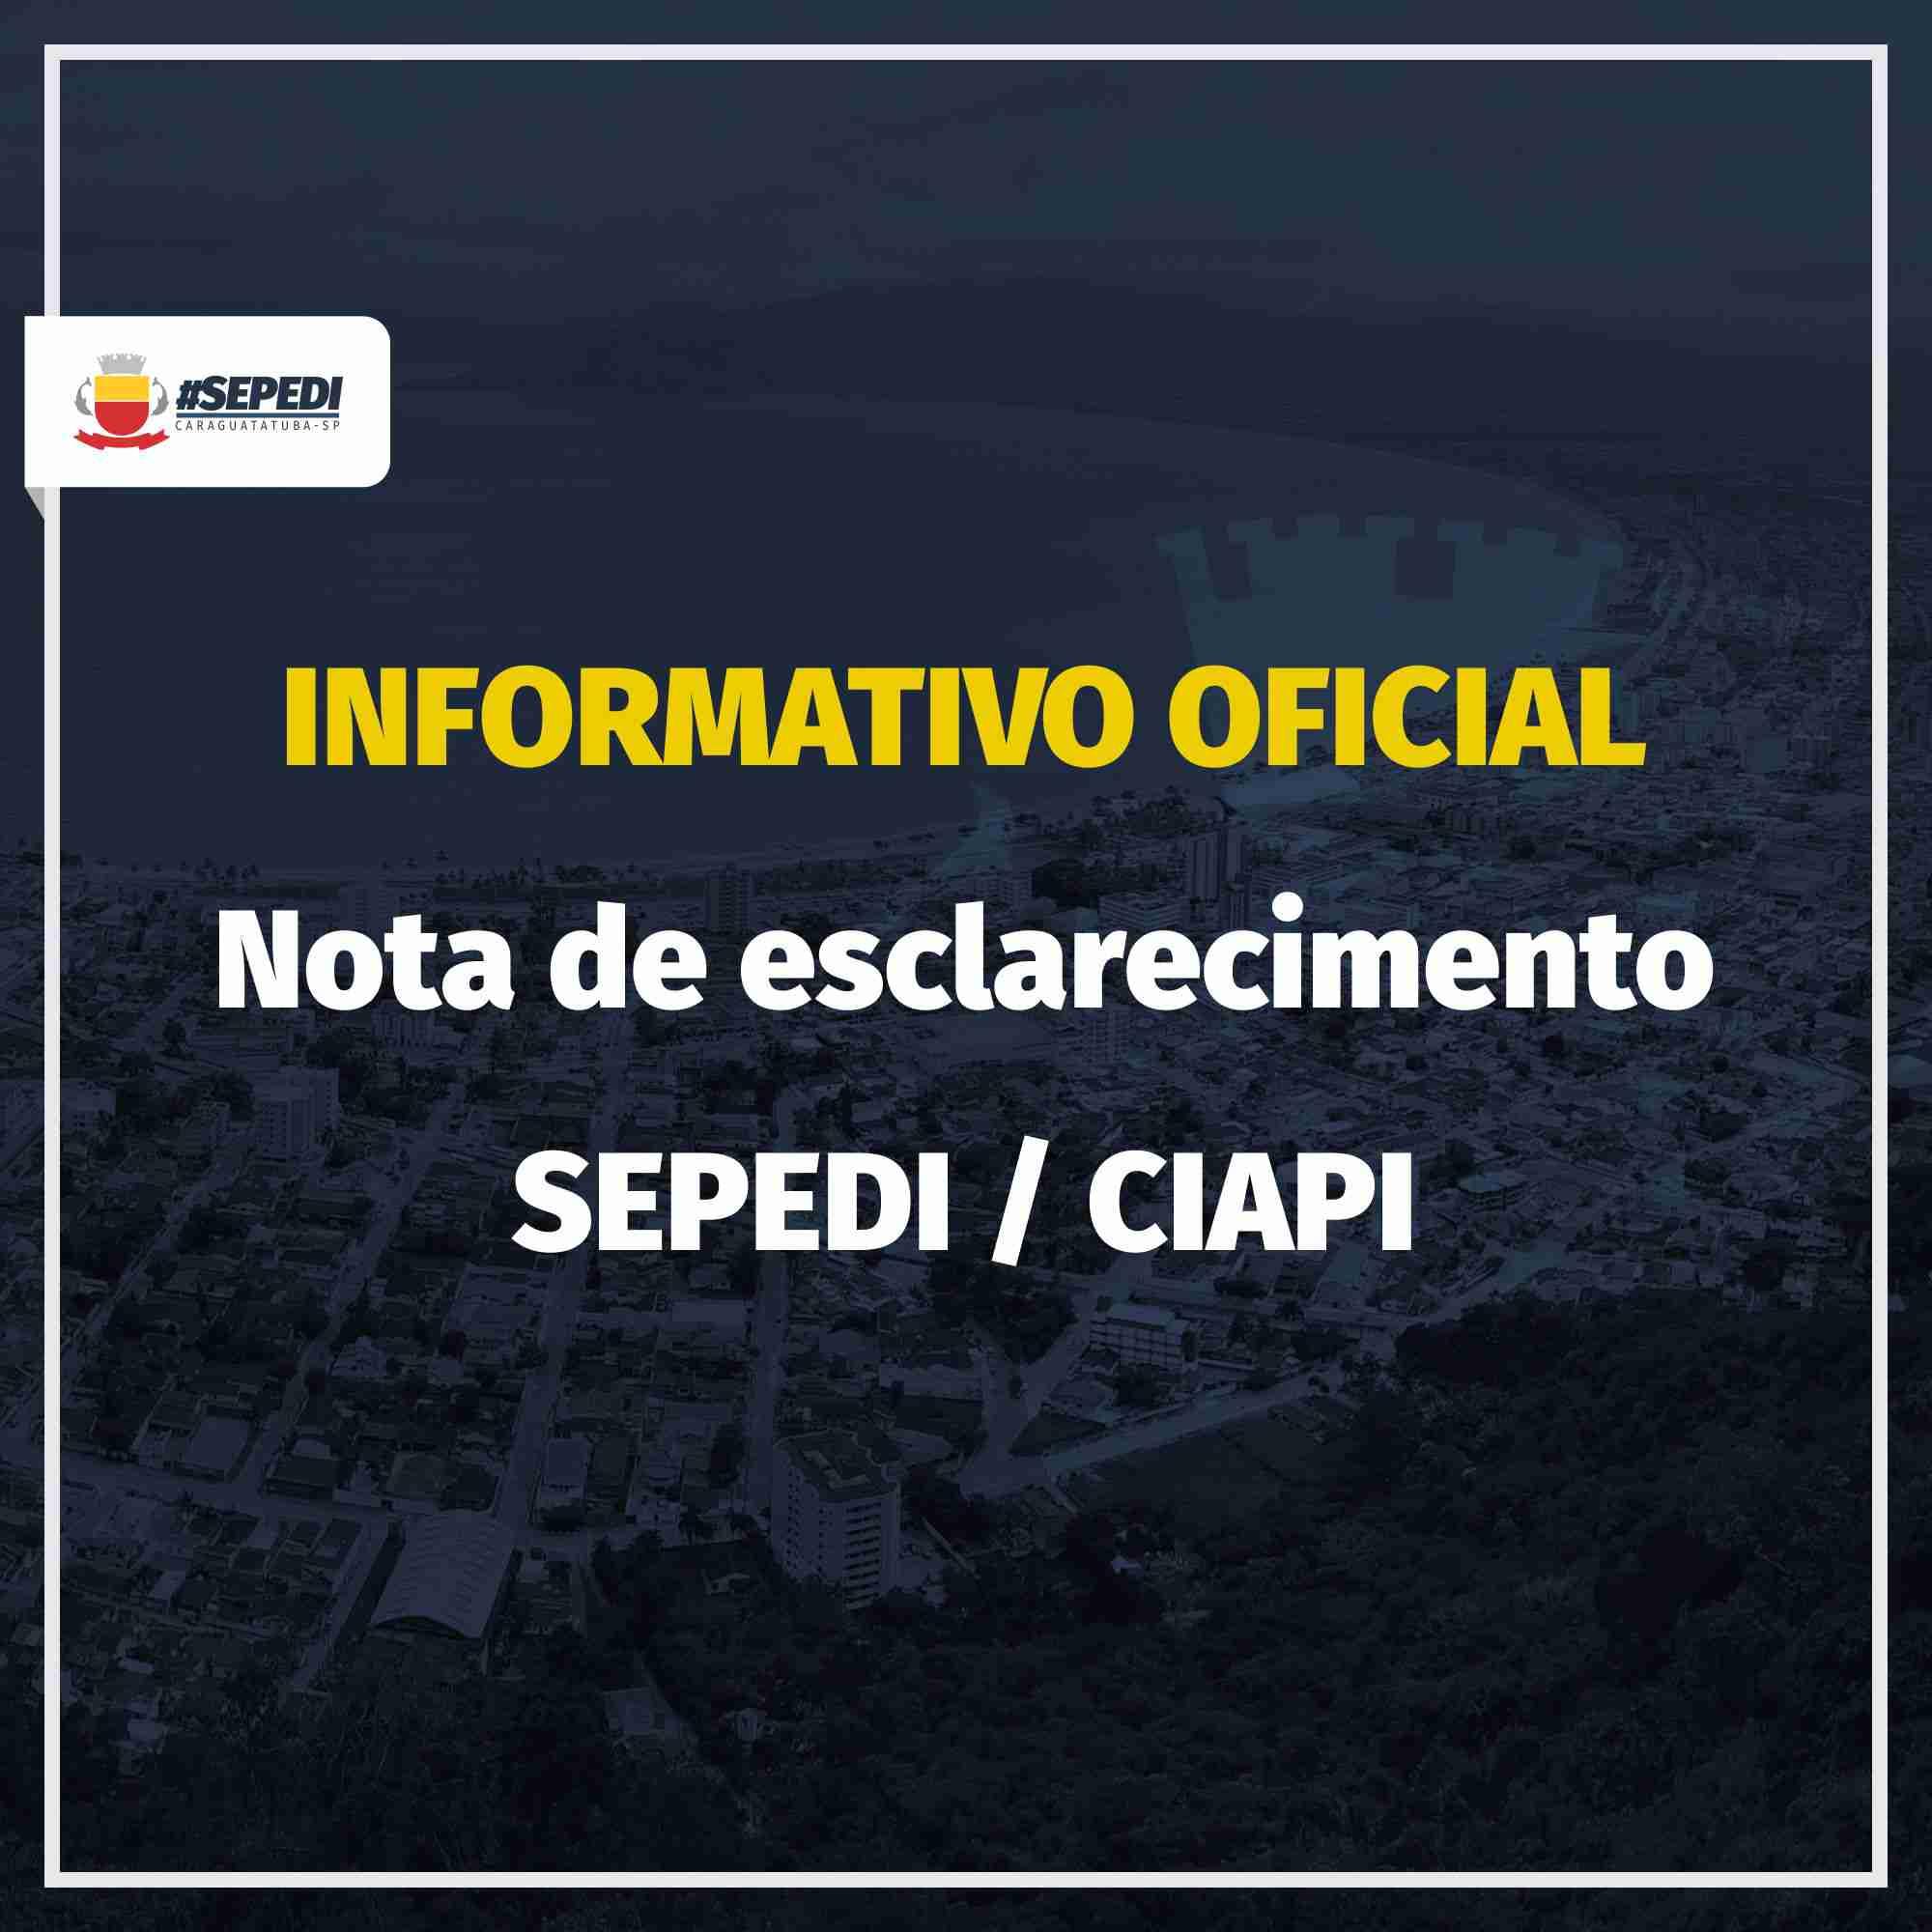 INFORMATIVO OFICIAL - NOTA DE ESCLARECIMENTO - SEPEDI